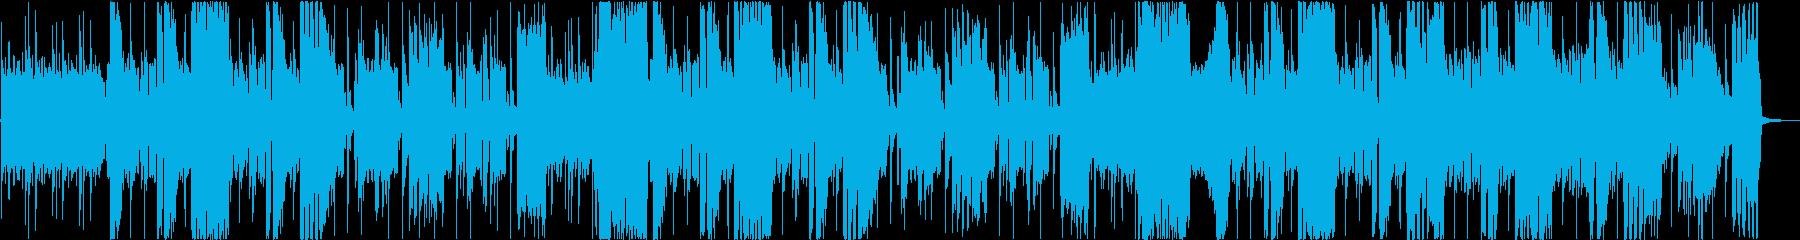 GAME】クールな80'sハードロックの再生済みの波形